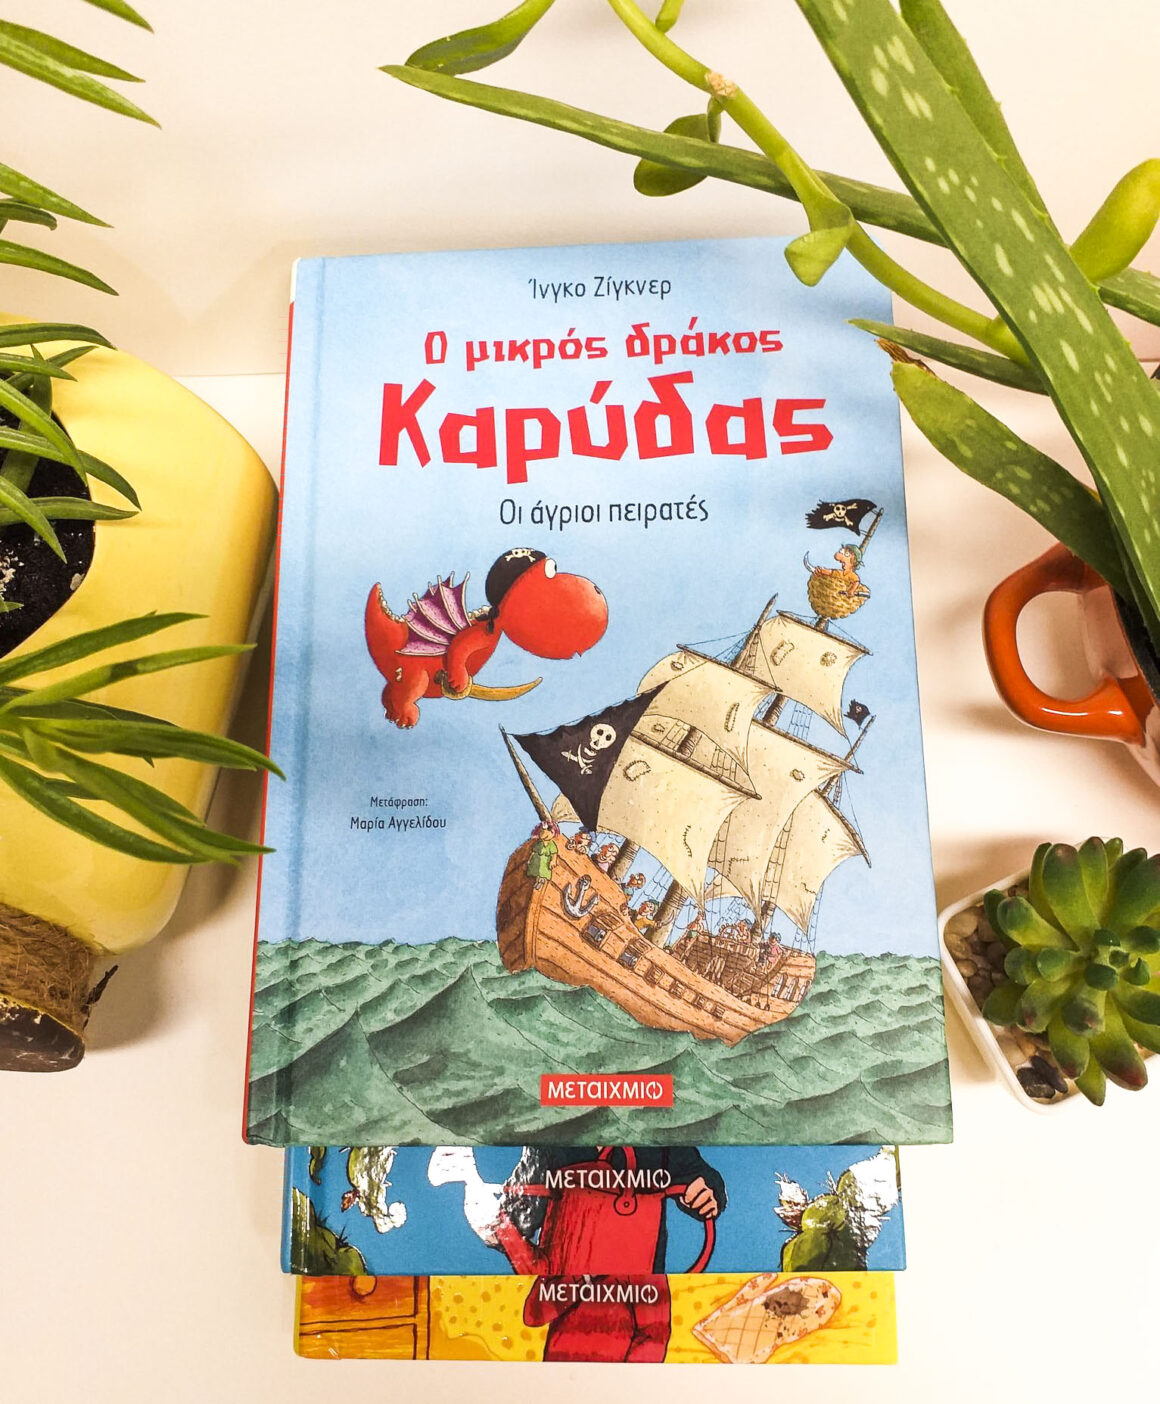 προτάσεις για καλά παιδικά βιβλία